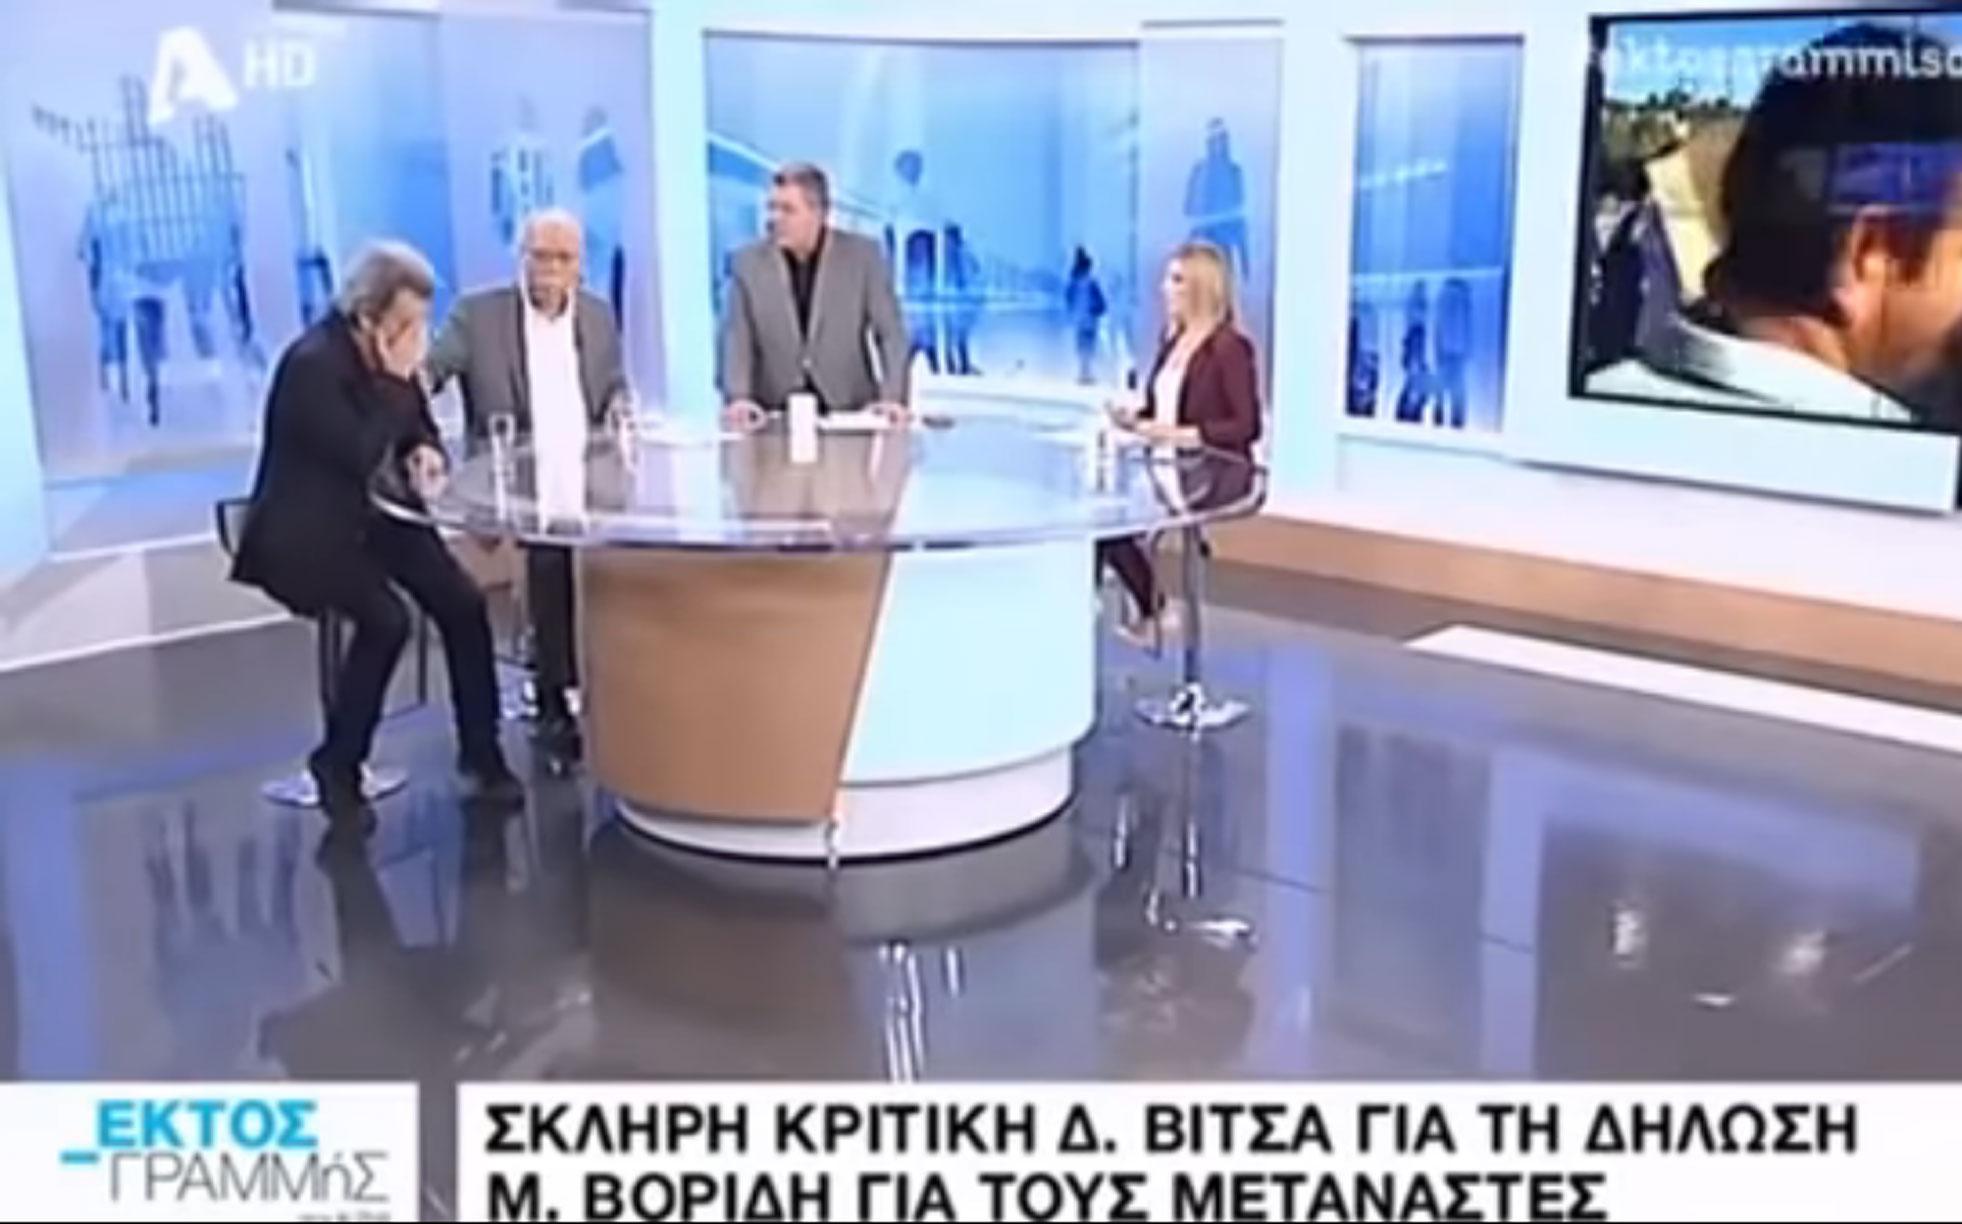 Πέτρος Τατσόπουλος: Ώρες αγωνίας μετά το πολύωρο χειρουργείο